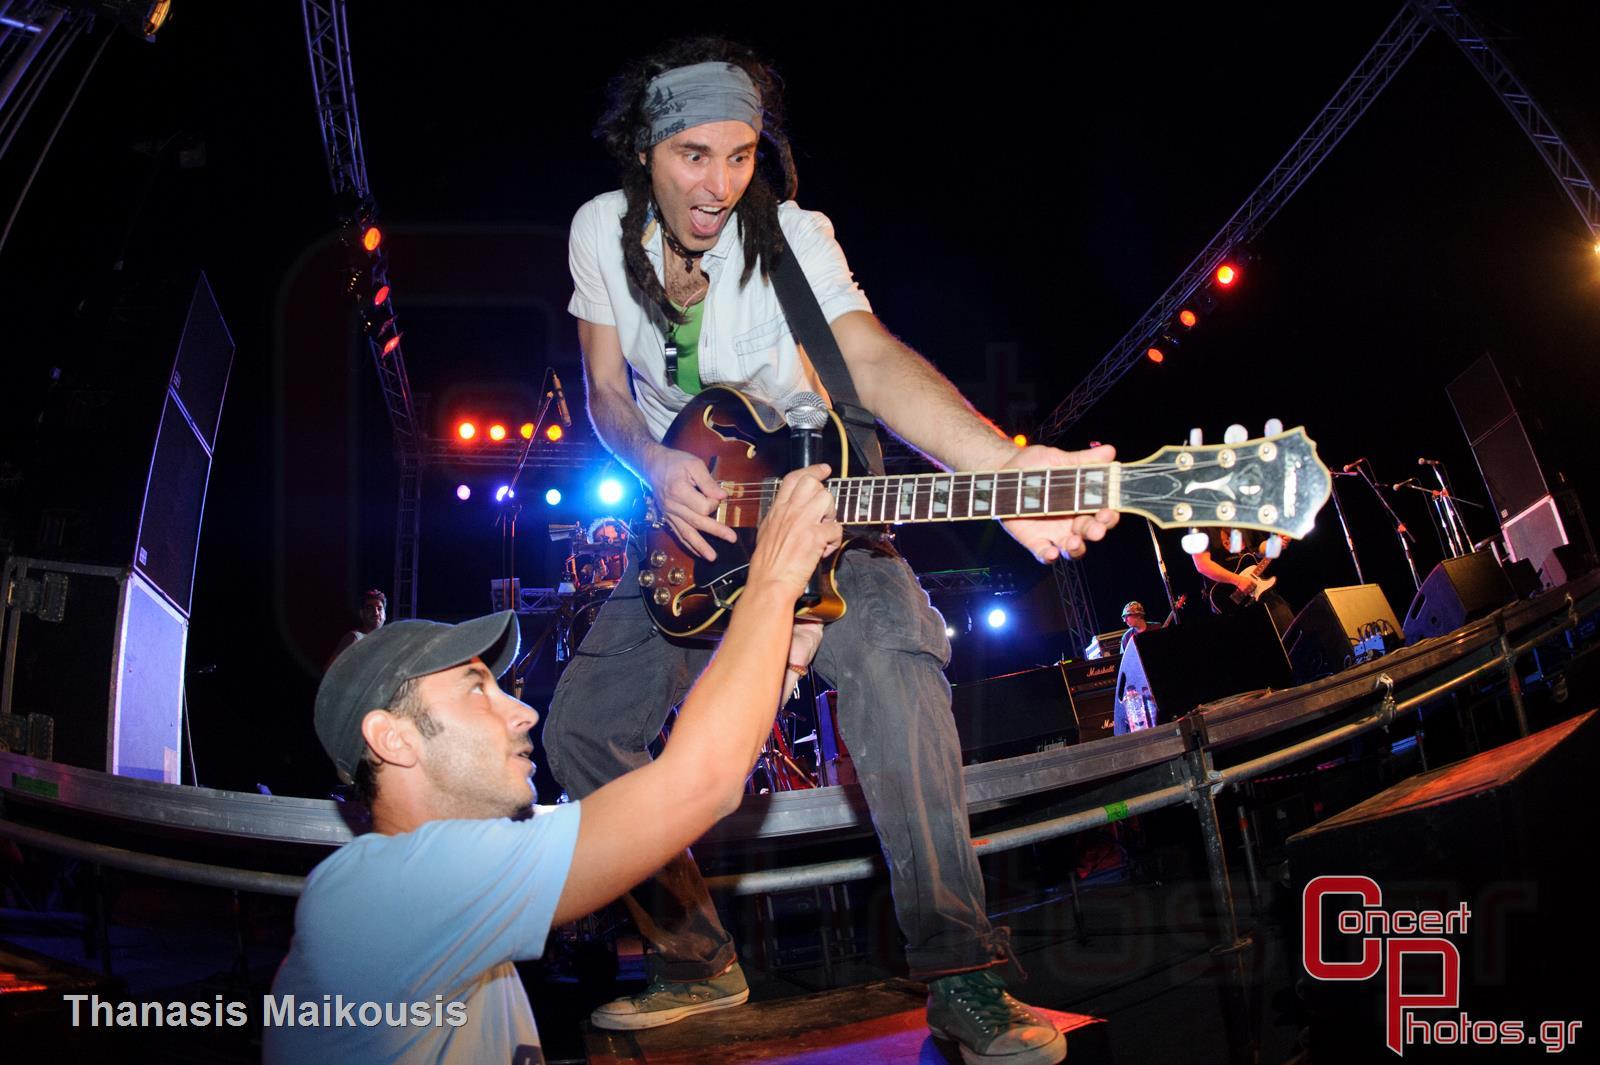 Locomondo-Locomondo 2013 Bolivar photographer: Thanasis Maikousis - concertphotos_-6811